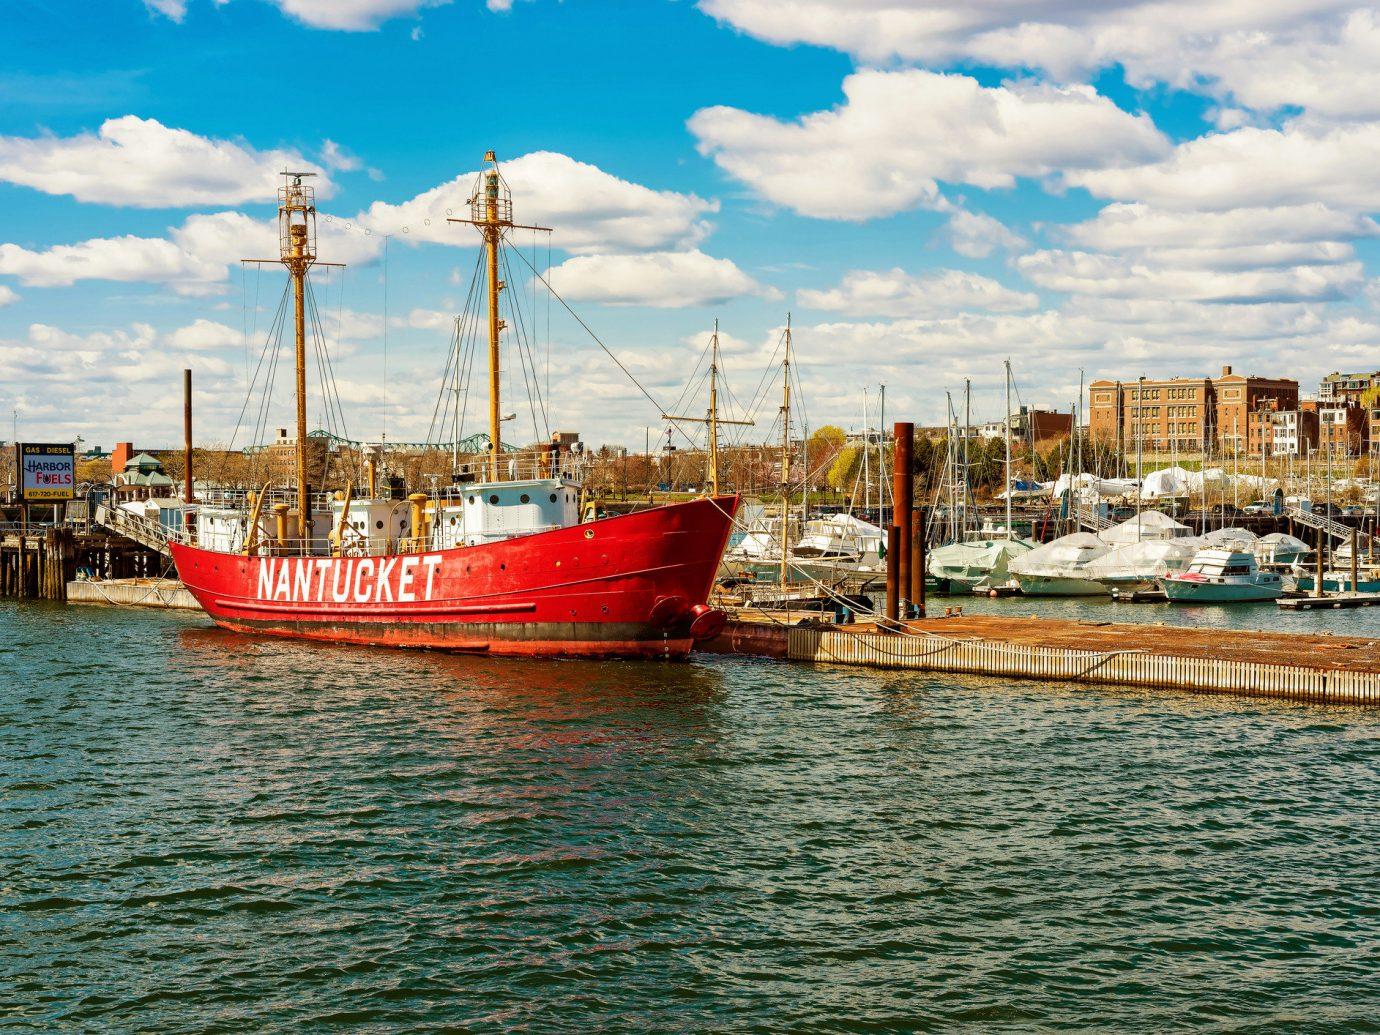 Trip Ideas sky outdoor Boat water vehicle Sea Harbor scene Coast watercraft channel Ocean fishing vessel bay port waterway dock ship docked